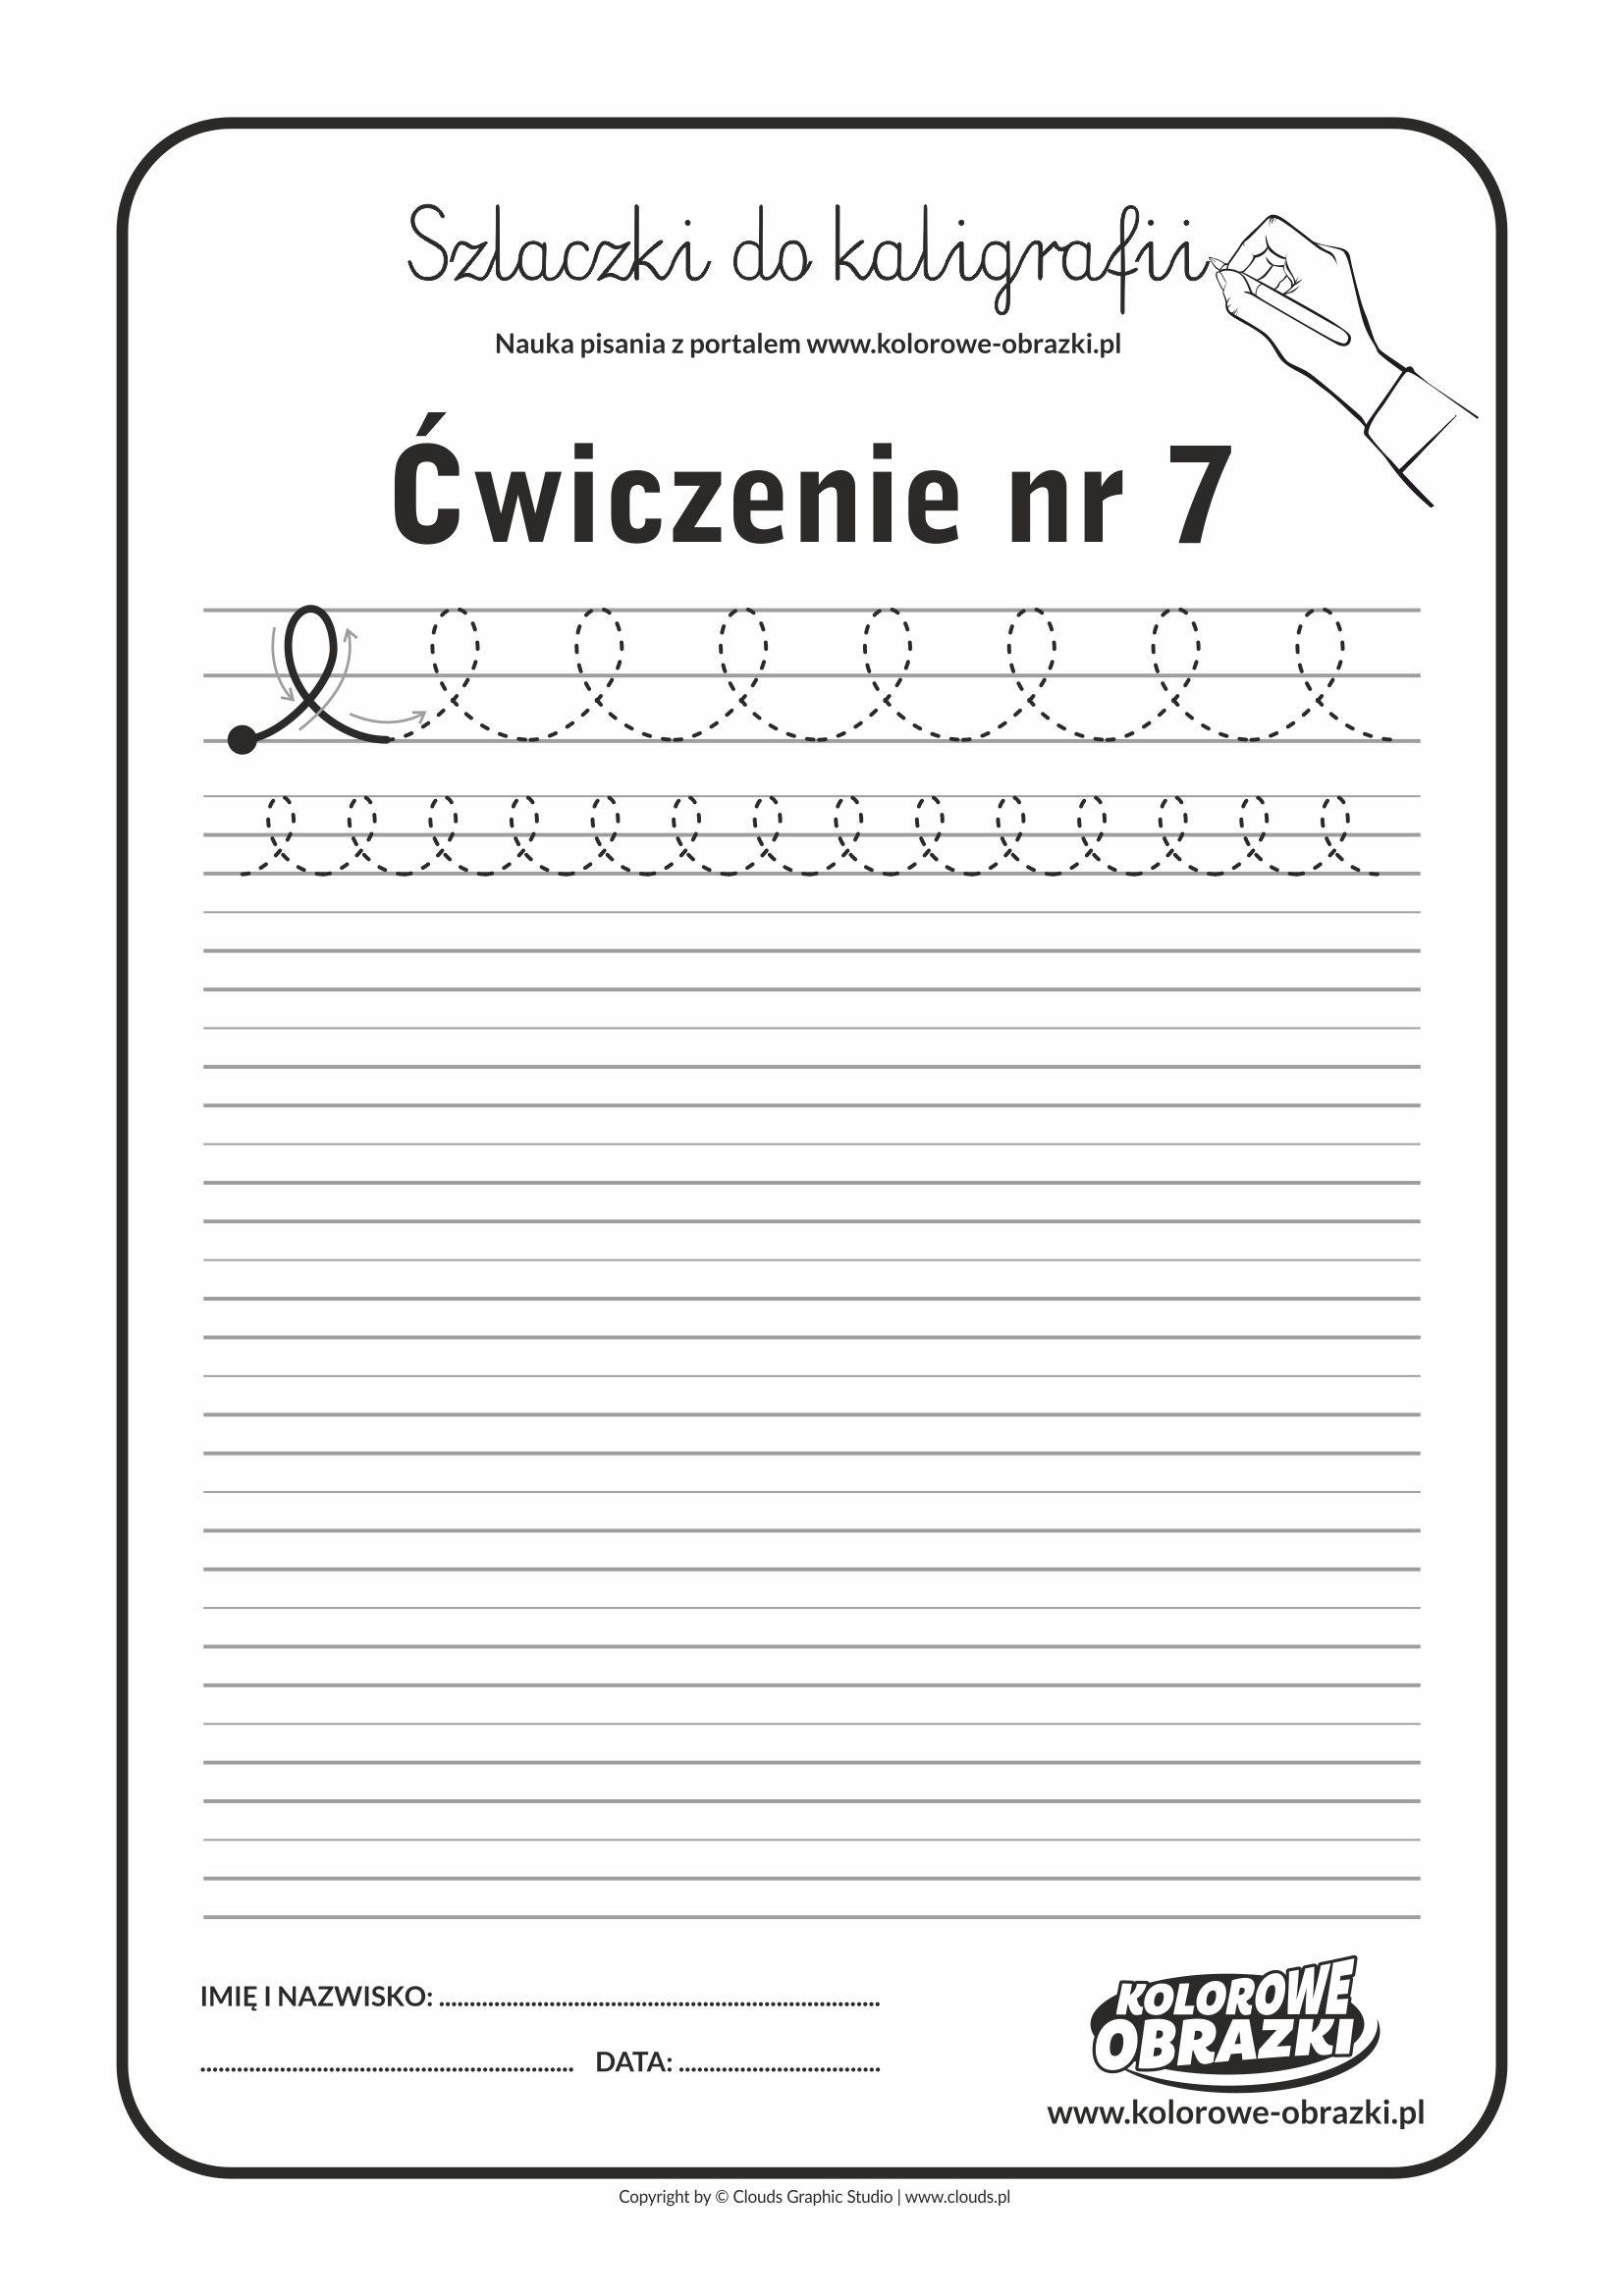 Kaligrafia dla dzieci - Ćwiczenia kaligraficzne / Szlaczki / Ćwiczenie nr 7